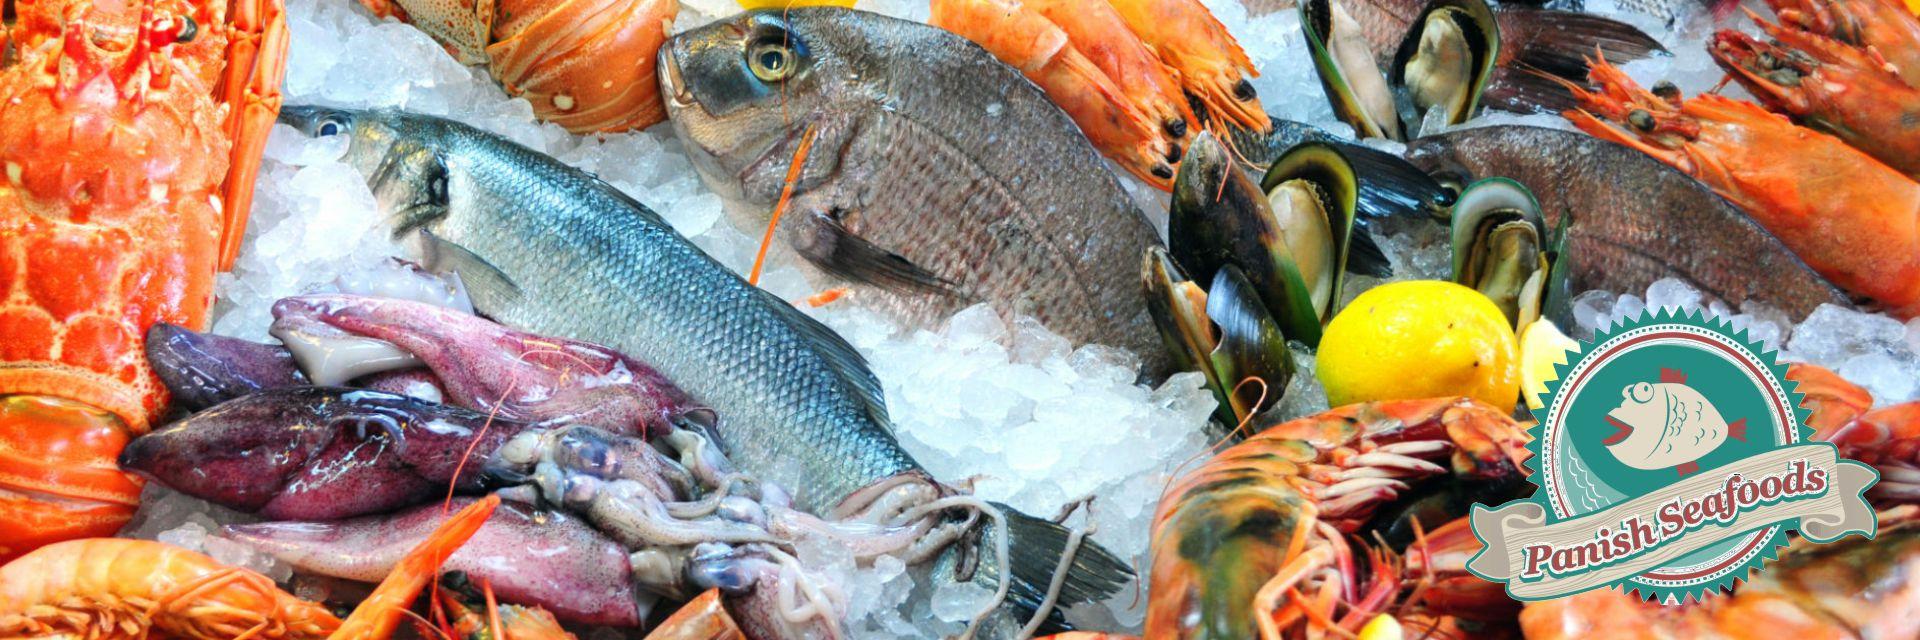 bg_home_main_fishmonger